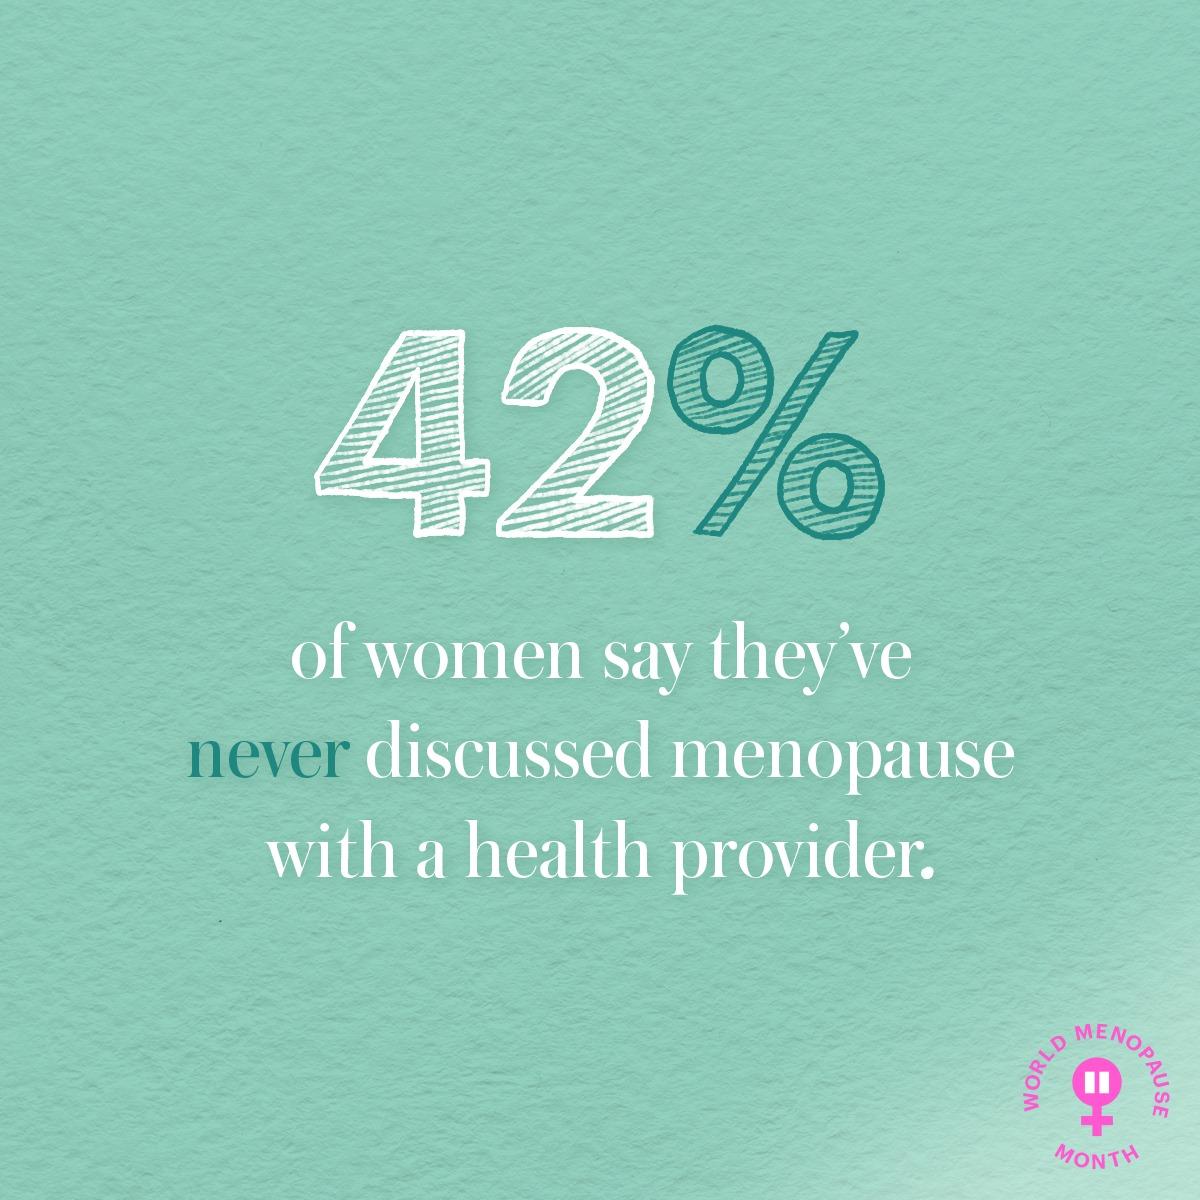 MenopauseDiscussion